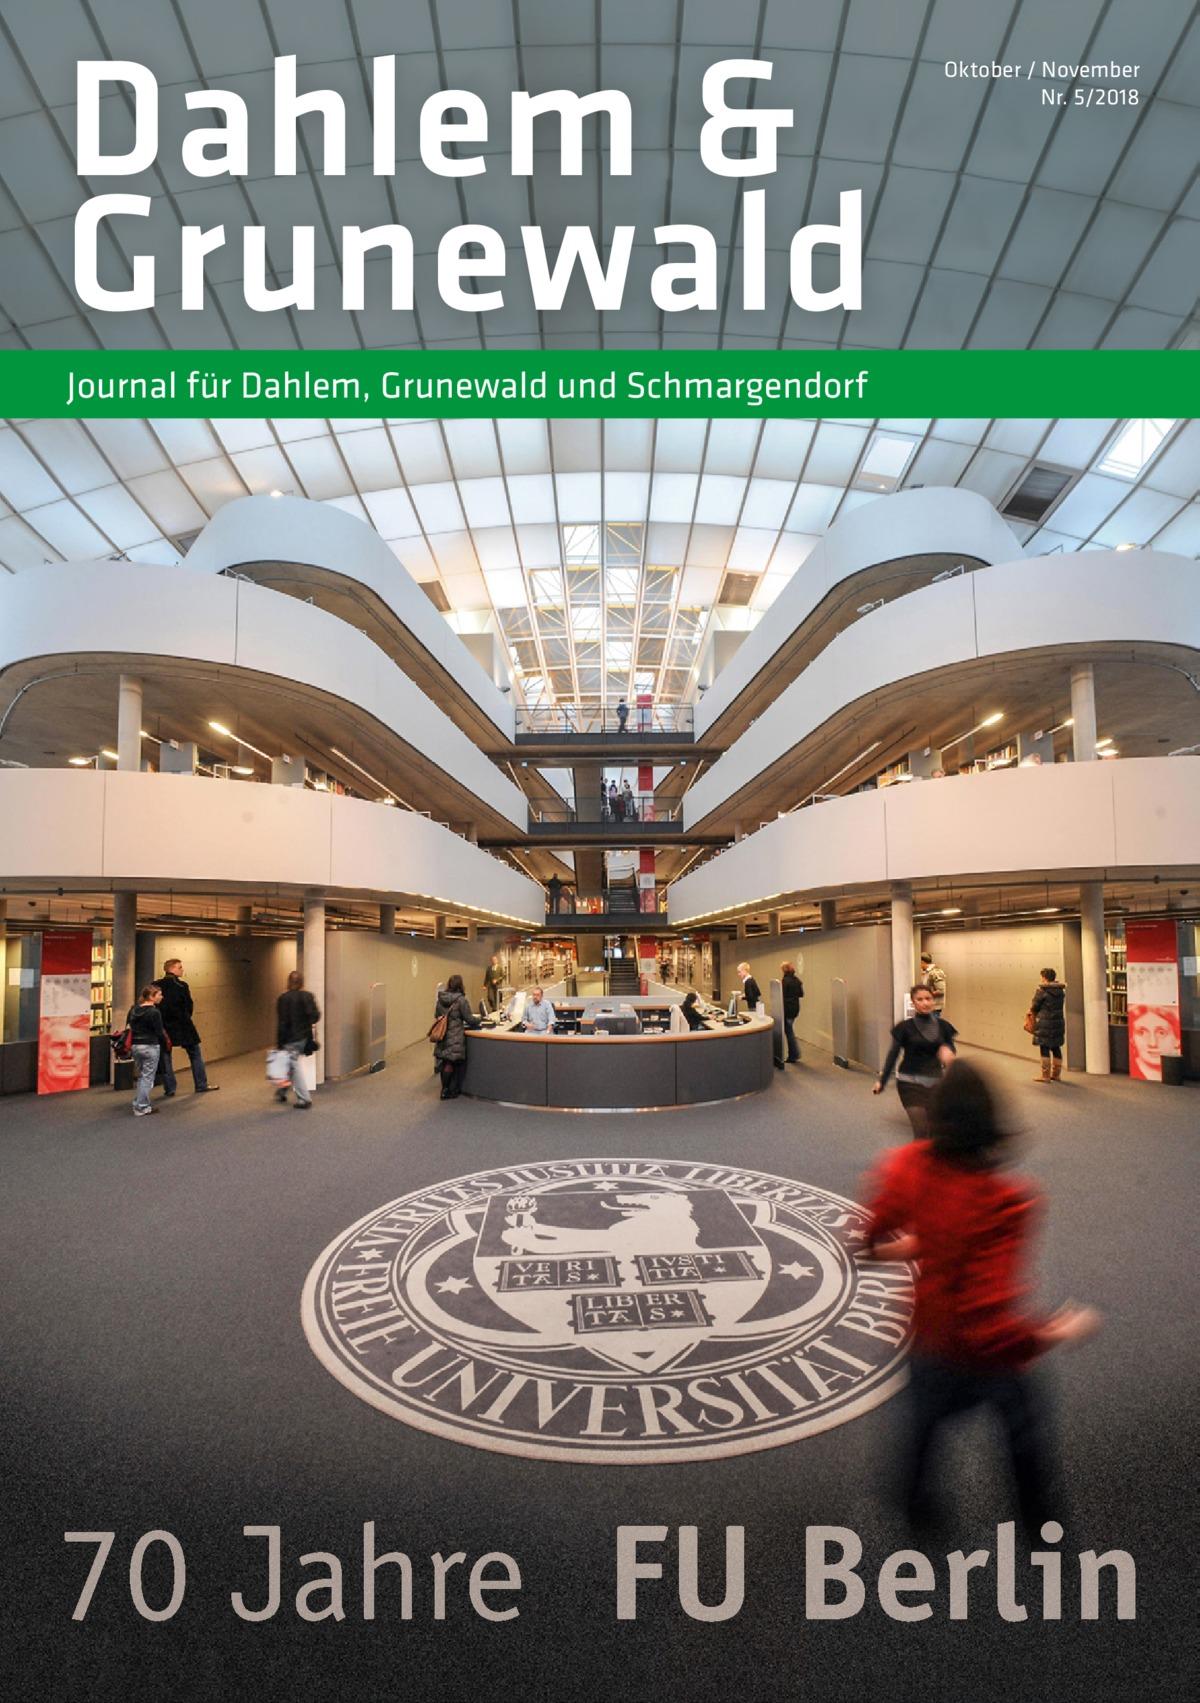 Dahlem & Grunewald  Oktober / November Nr. 5/2018  Journal für Dahlem, Grunewald und Schmargendorf  70 Jahre FU Berlin